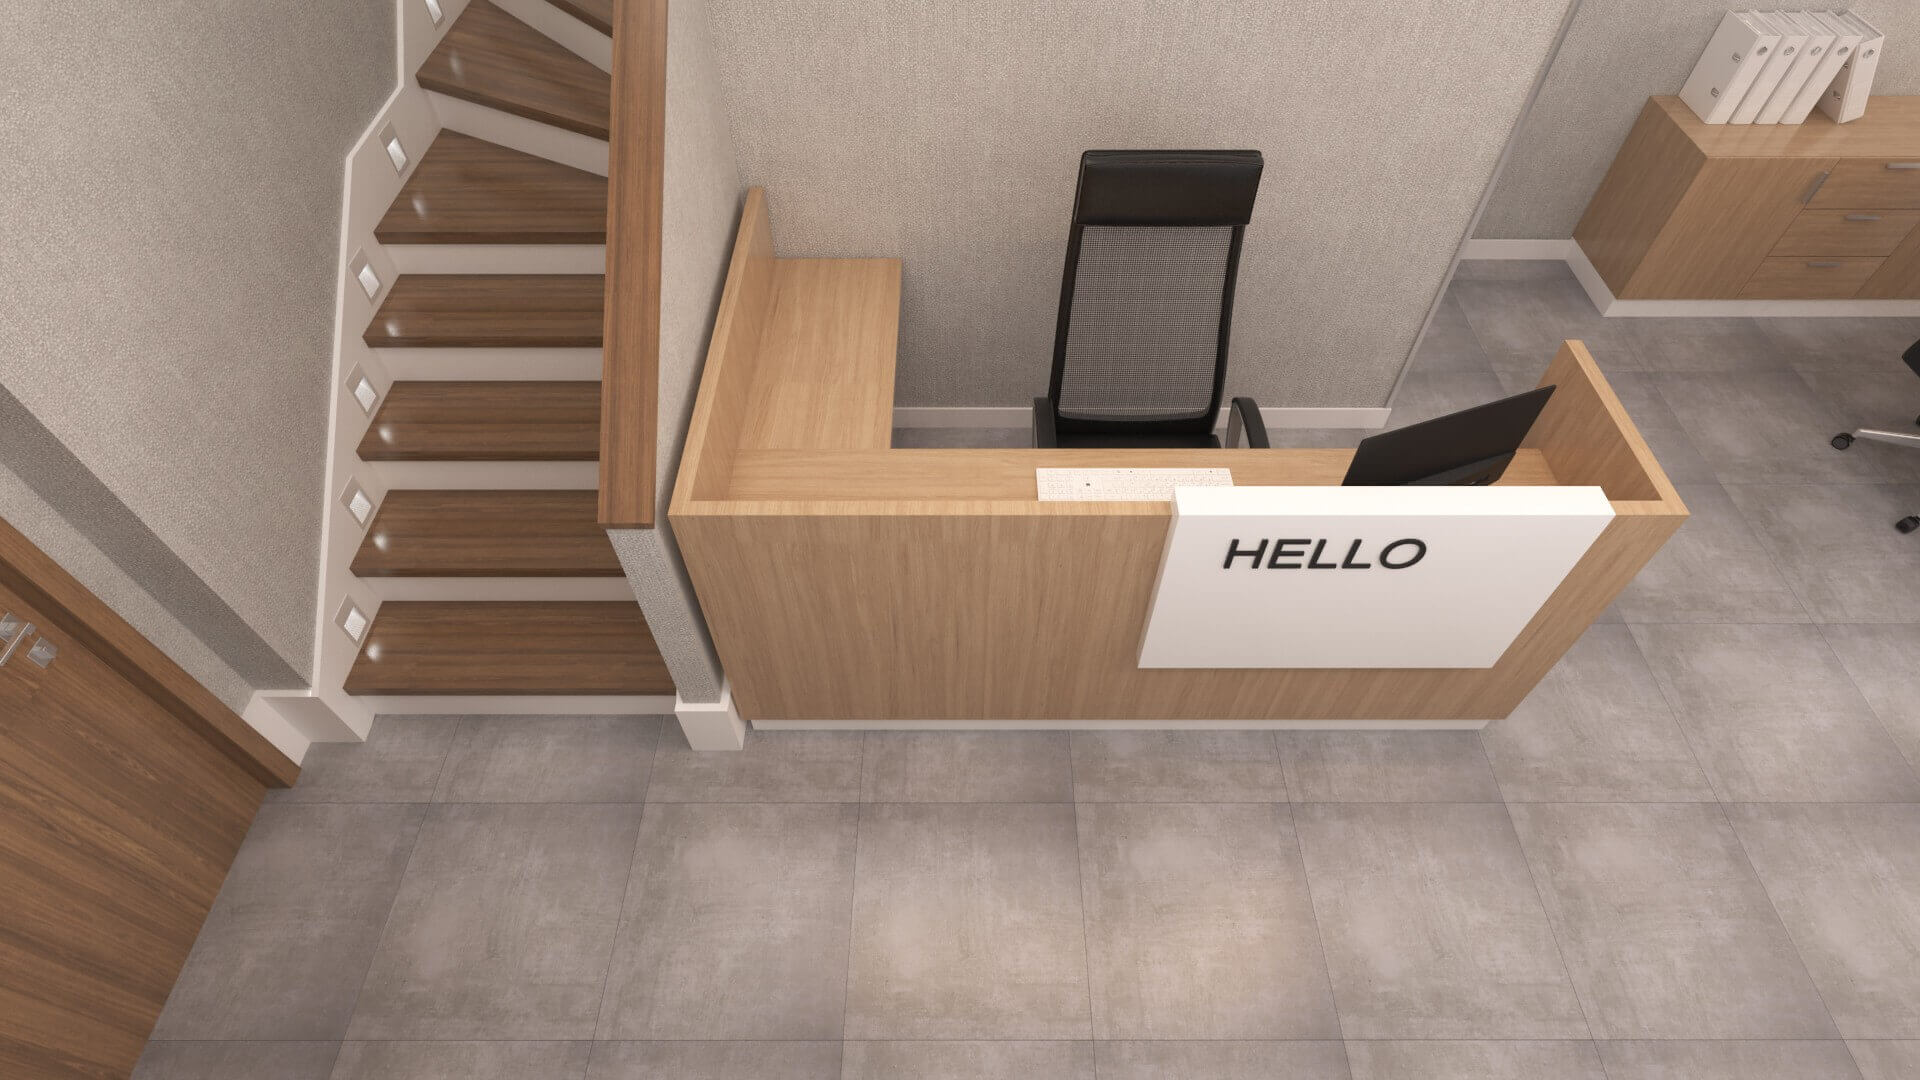 ofis içmimari 2676 RG Ofis Ofisler